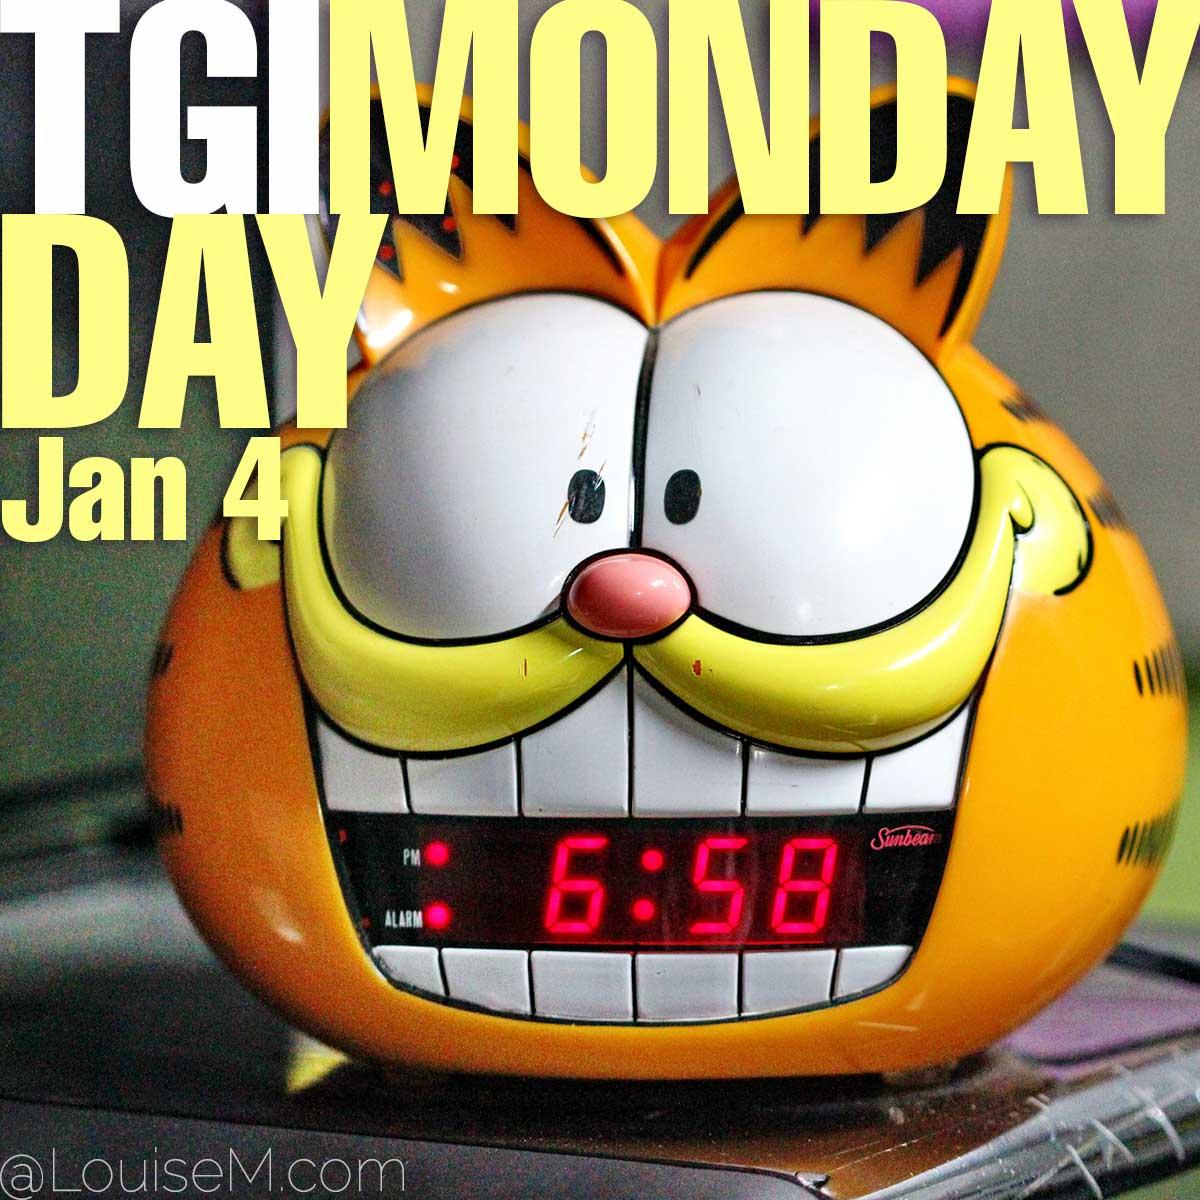 tgi monday day text on garfield alarm clock.